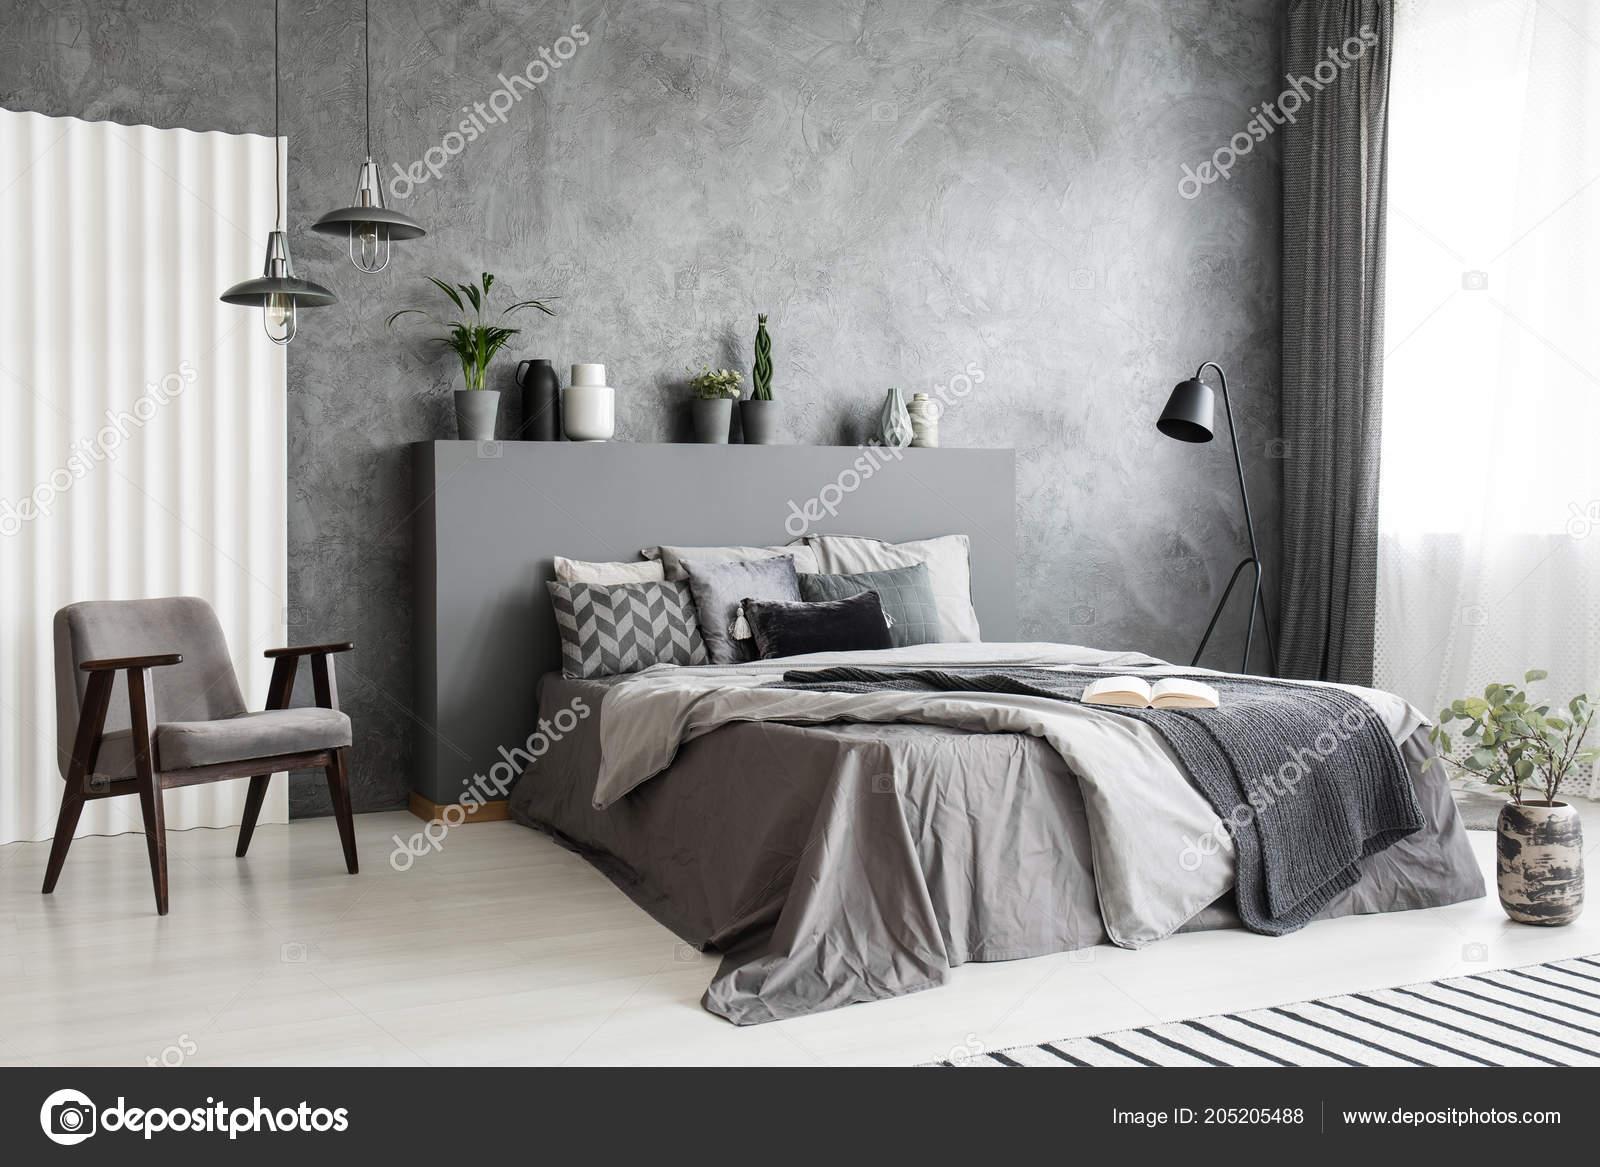 Moderne Grau Schlafzimmer Innenraum Mit Großem Bett Mit ...